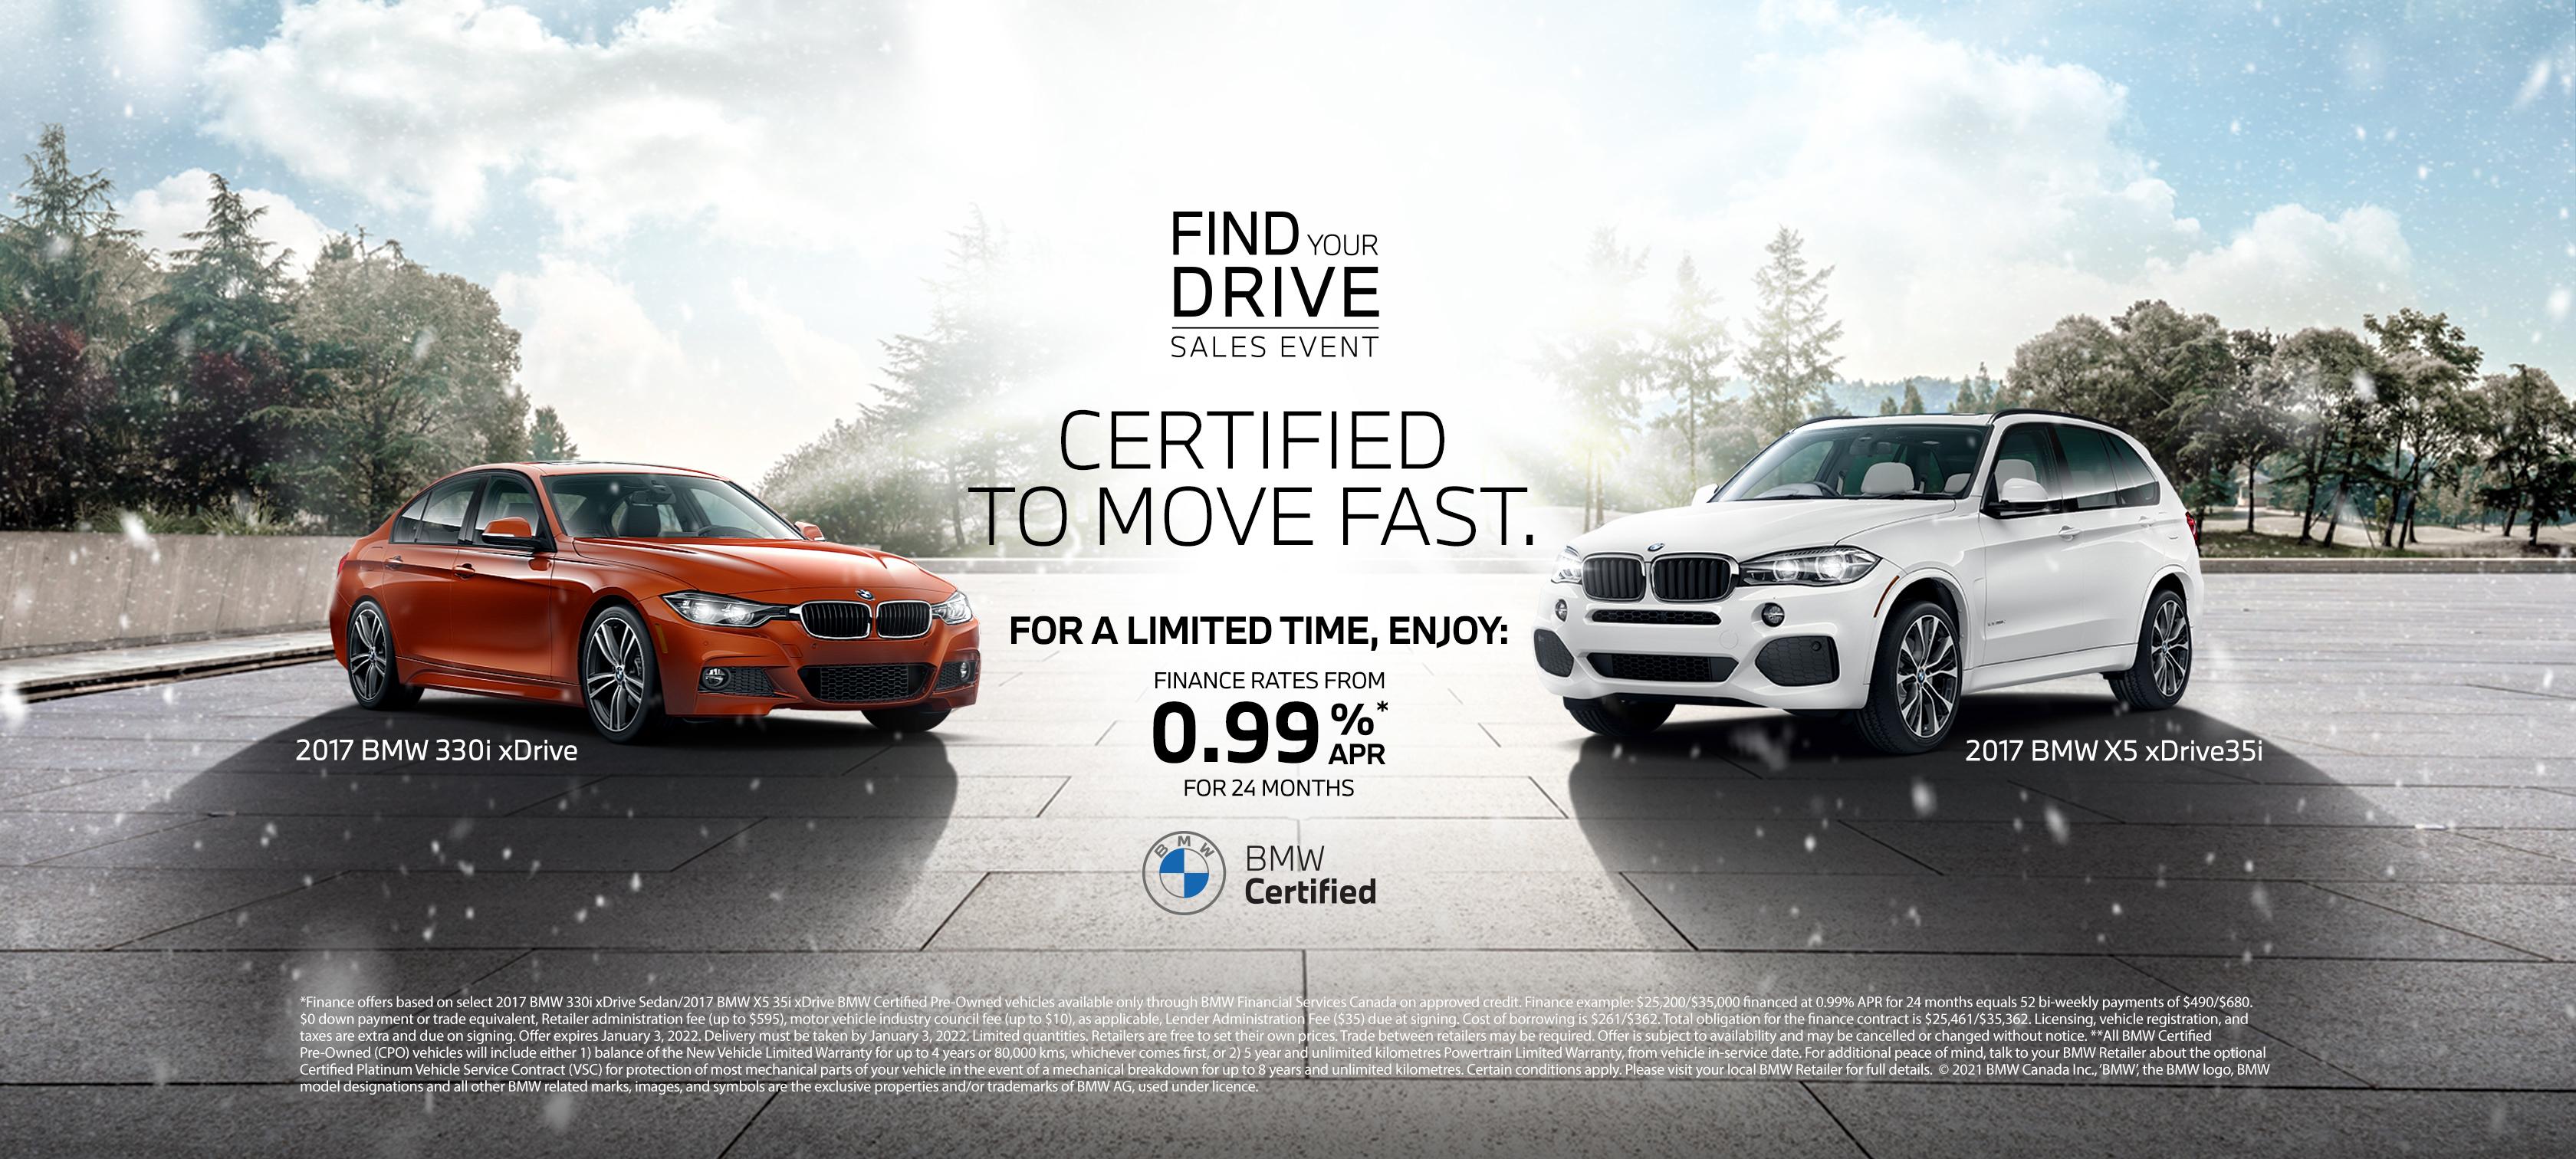 BMW Hero Shot